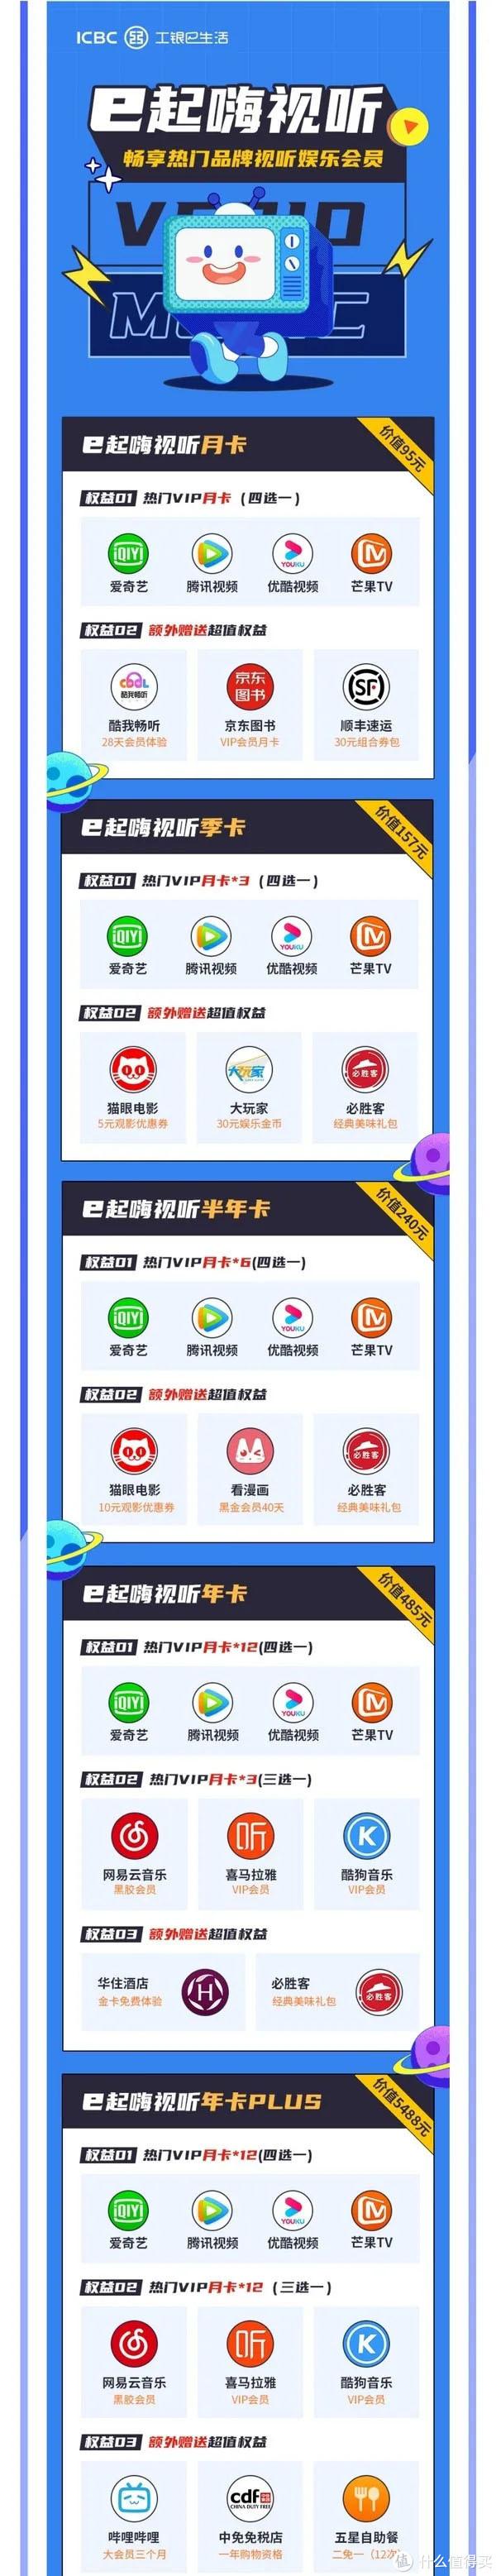 农业银行 华夏银行 邮储银行热门优惠活动推荐 20210401